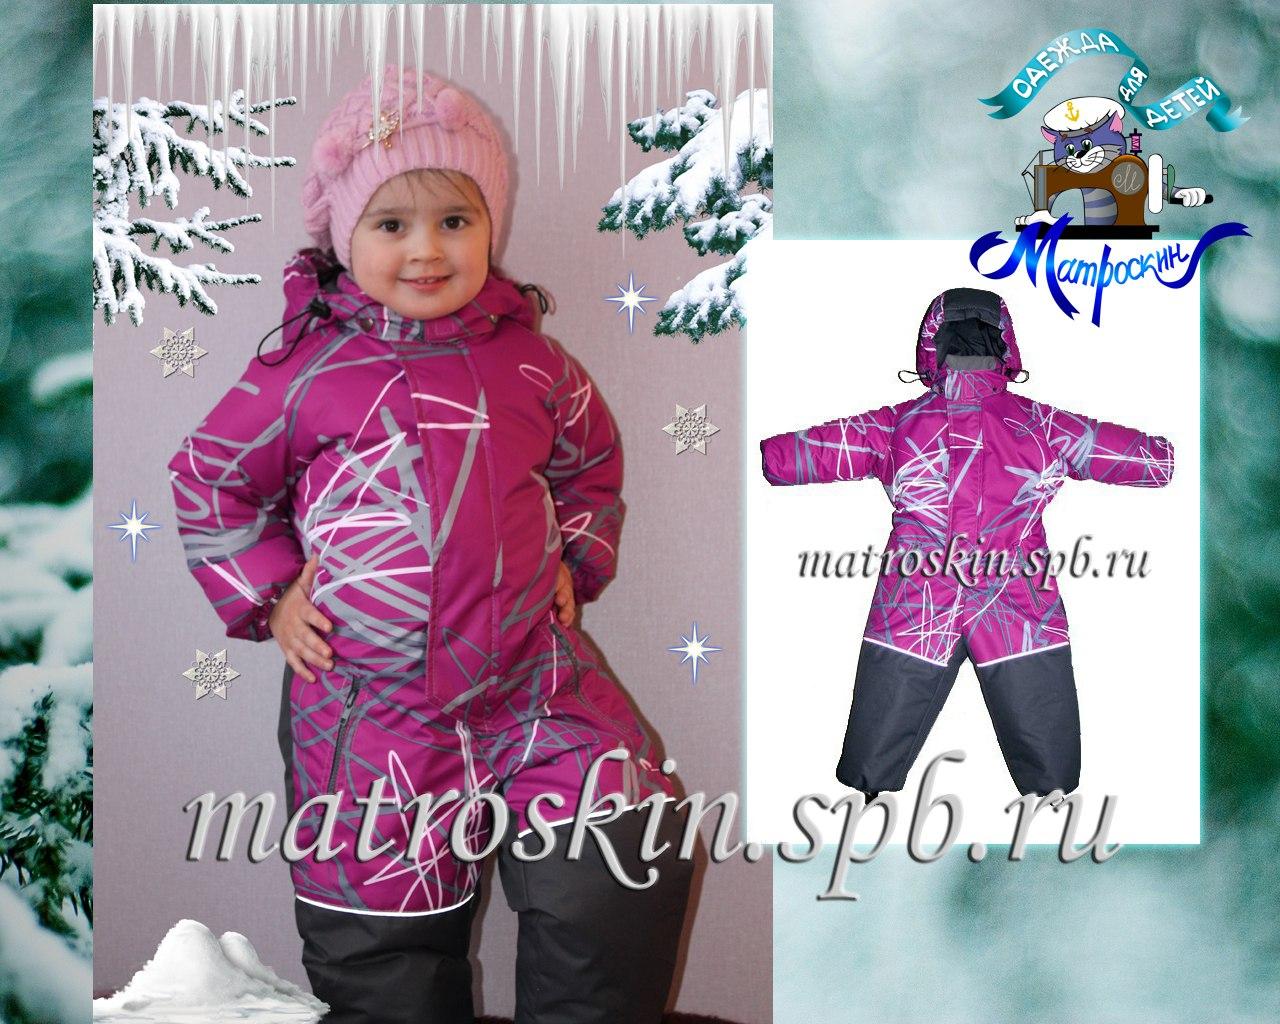 Сбор заказов. Утепляемся! Верхняя одежда для детей, цены от производителя. Мембранные костюмы, комбинезоны, куртки и штаны! Выкуп 13.